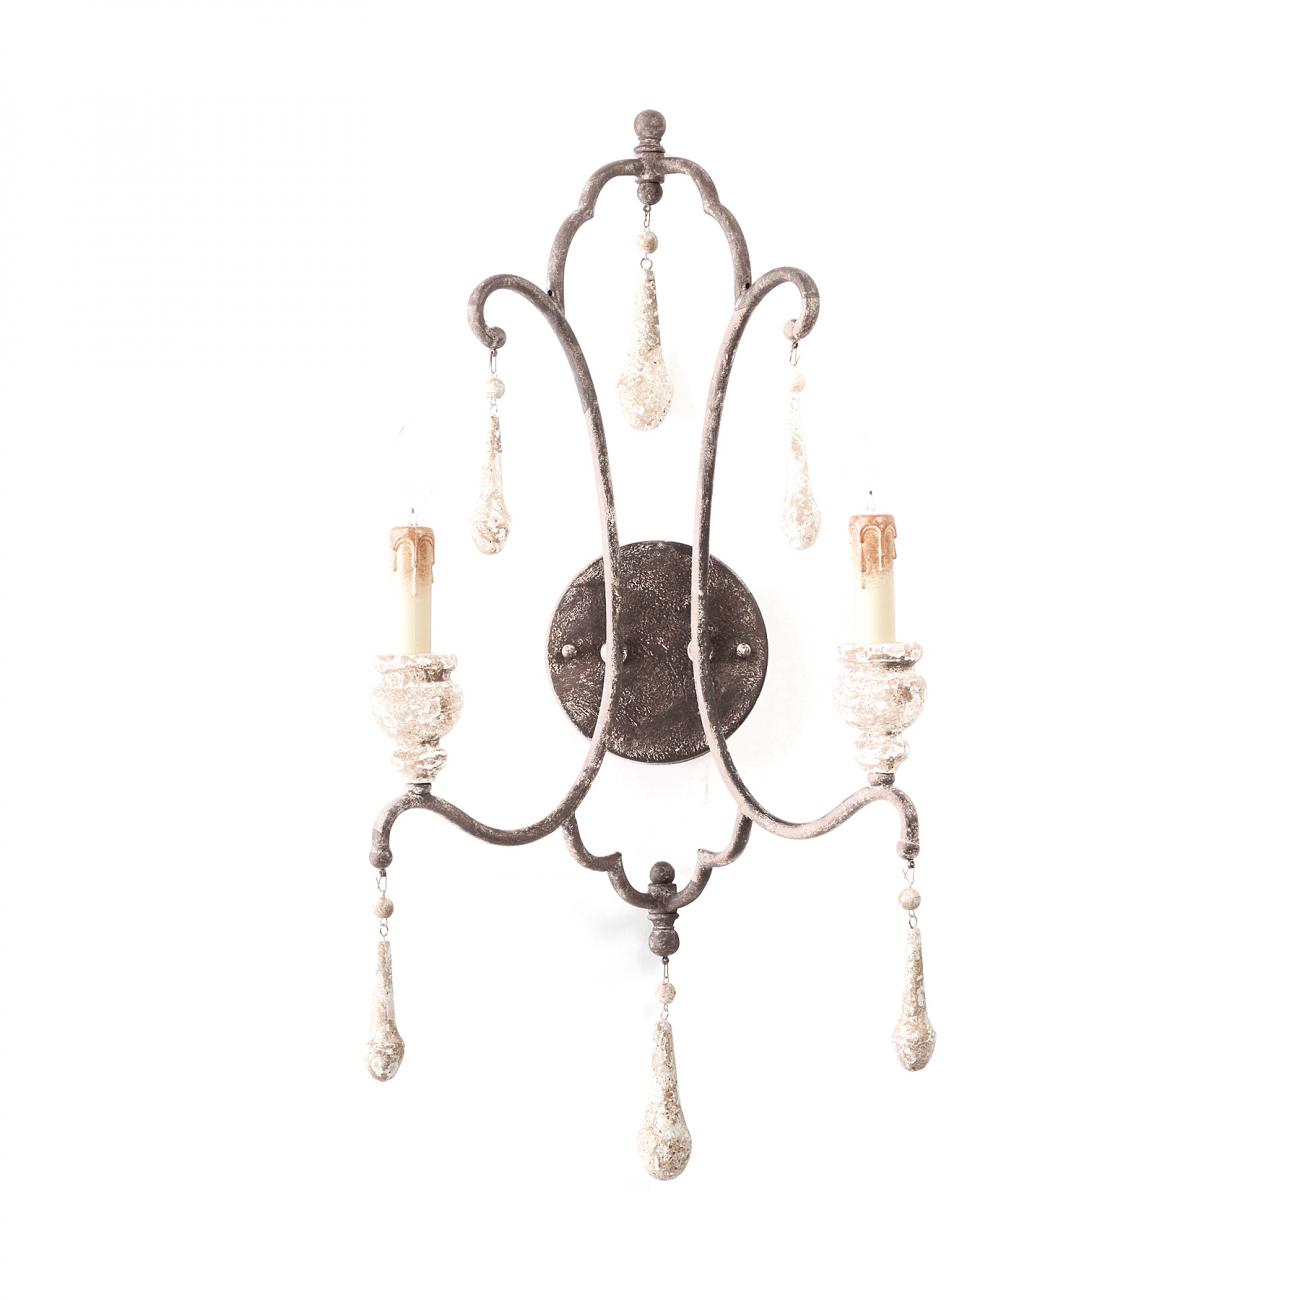 Купить Бра Avgust в интернет магазине дизайнерской мебели и аксессуаров для дома и дачи